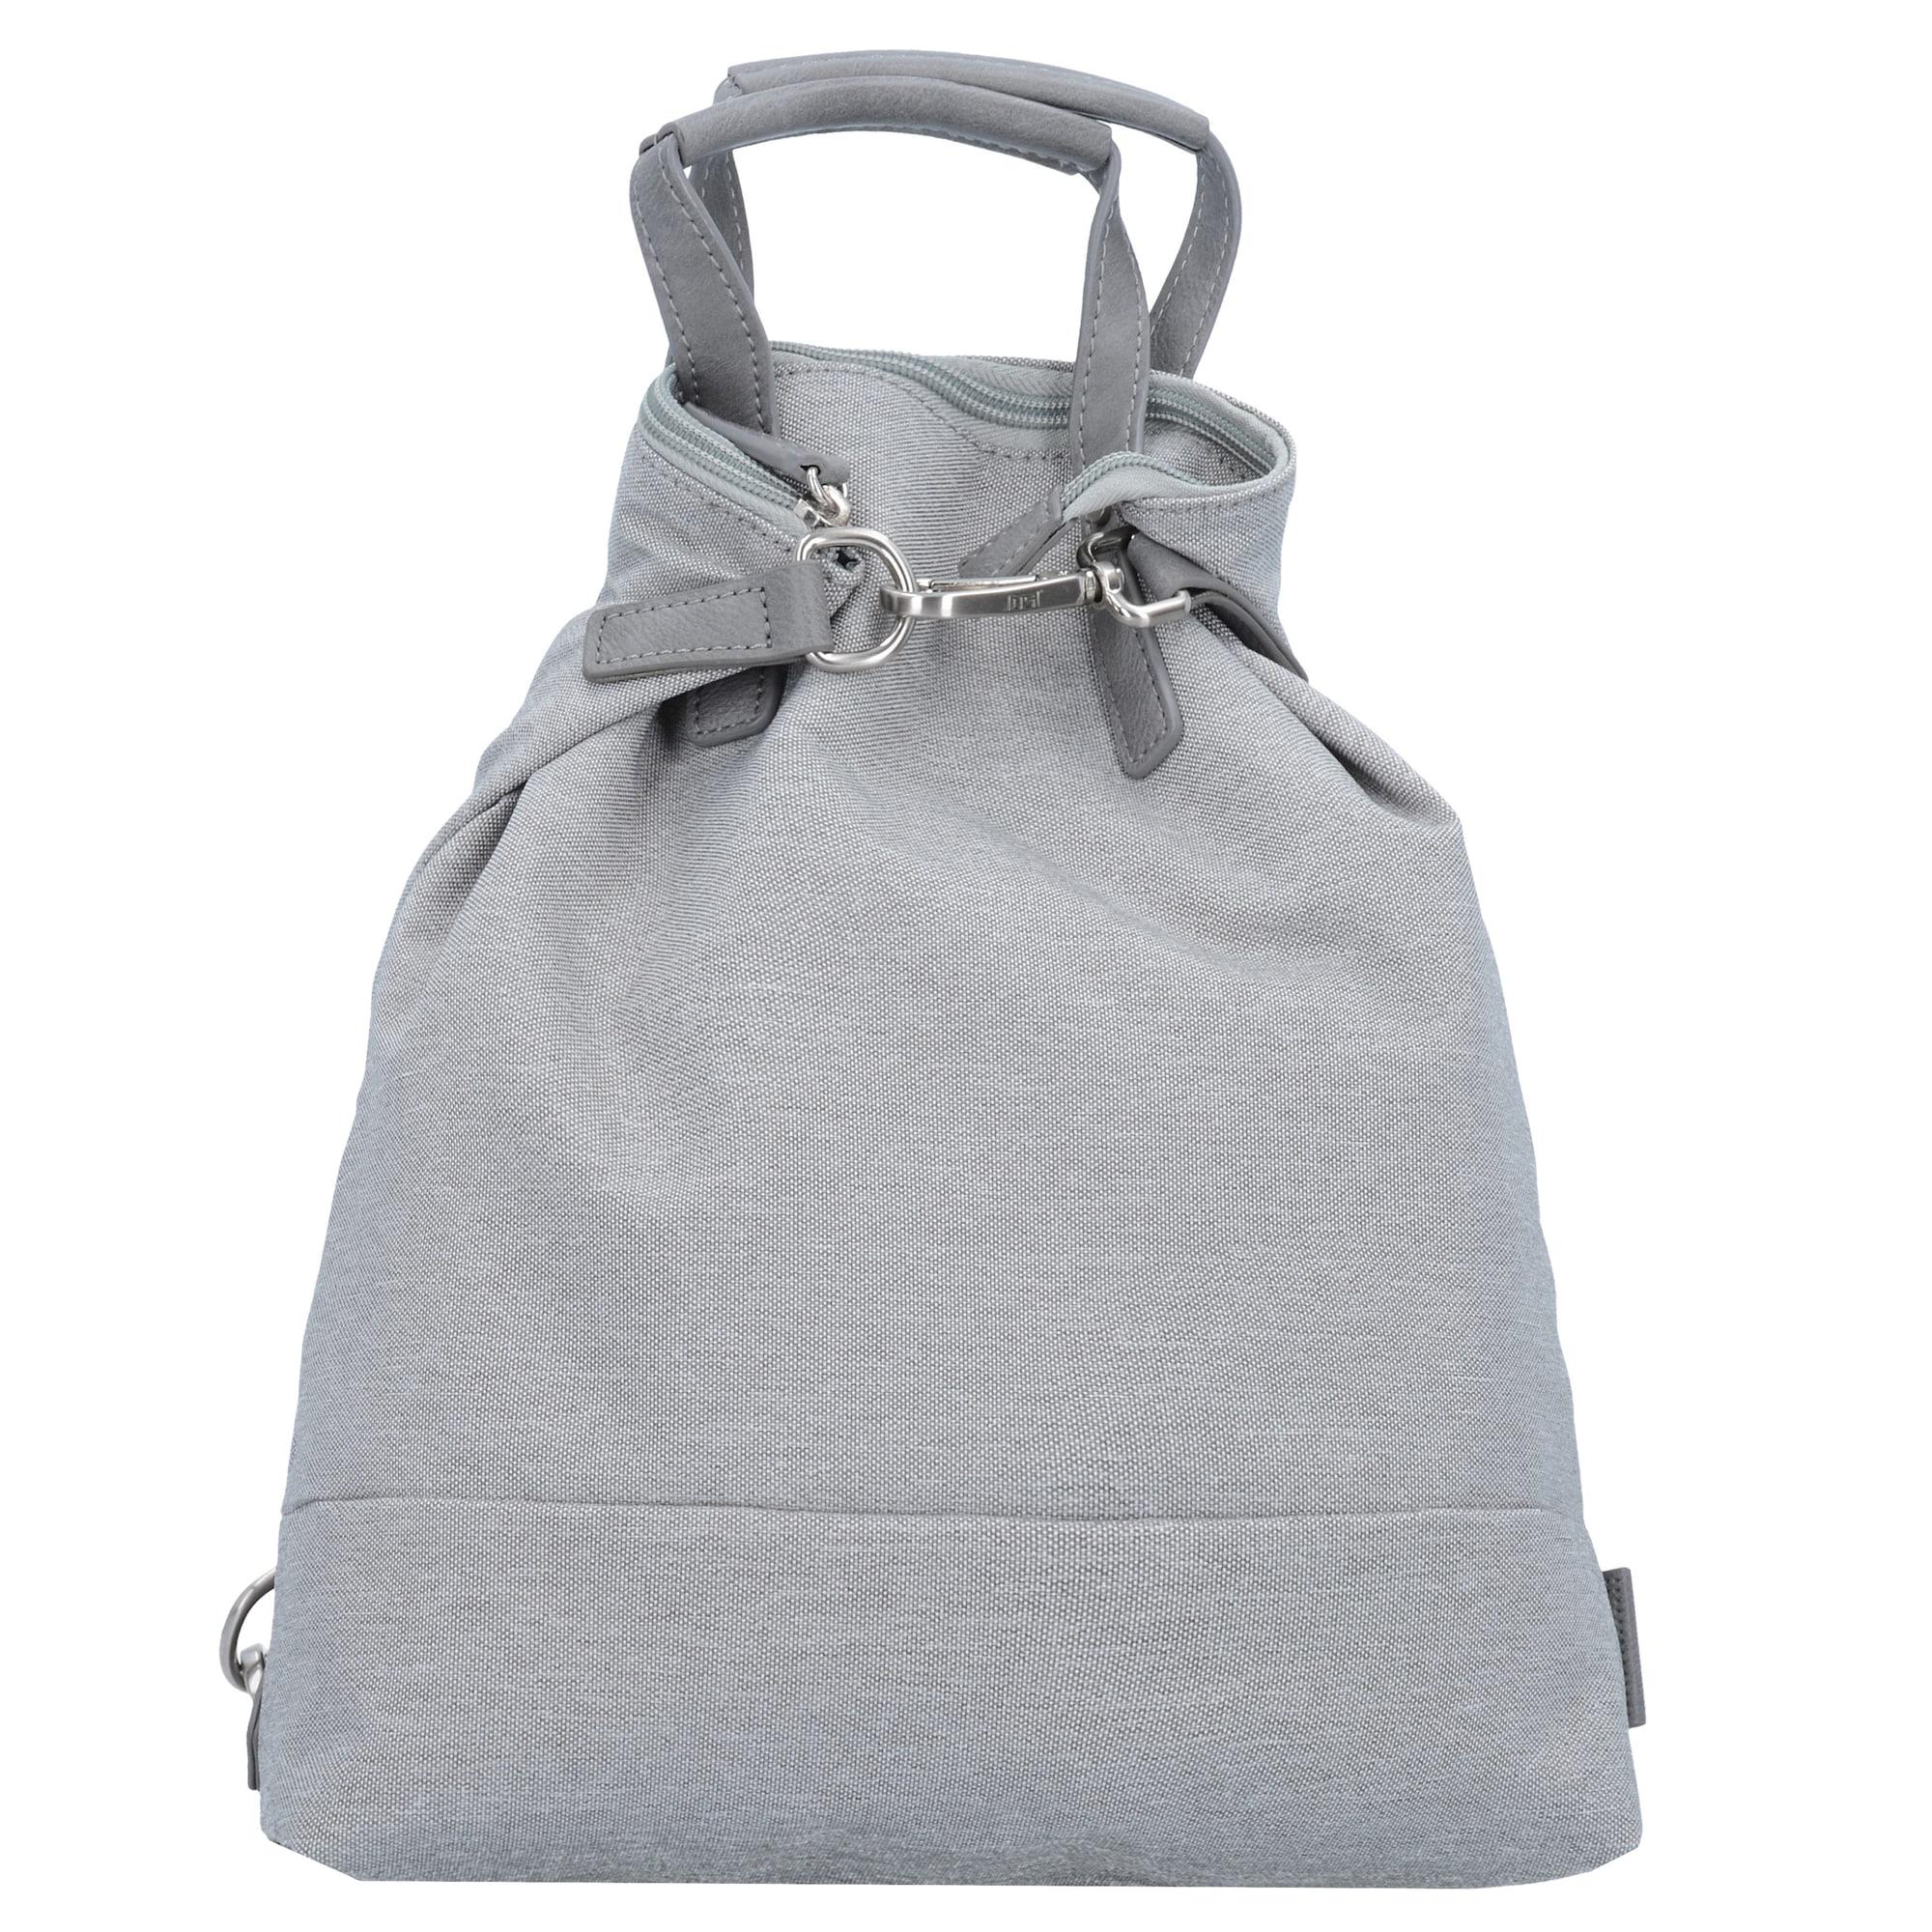 Rucksack 'Bergen X-Change 3in1 Bag XS City' 32 cm | Taschen > Rucksäcke > Sonstige Rucksäcke | Jost